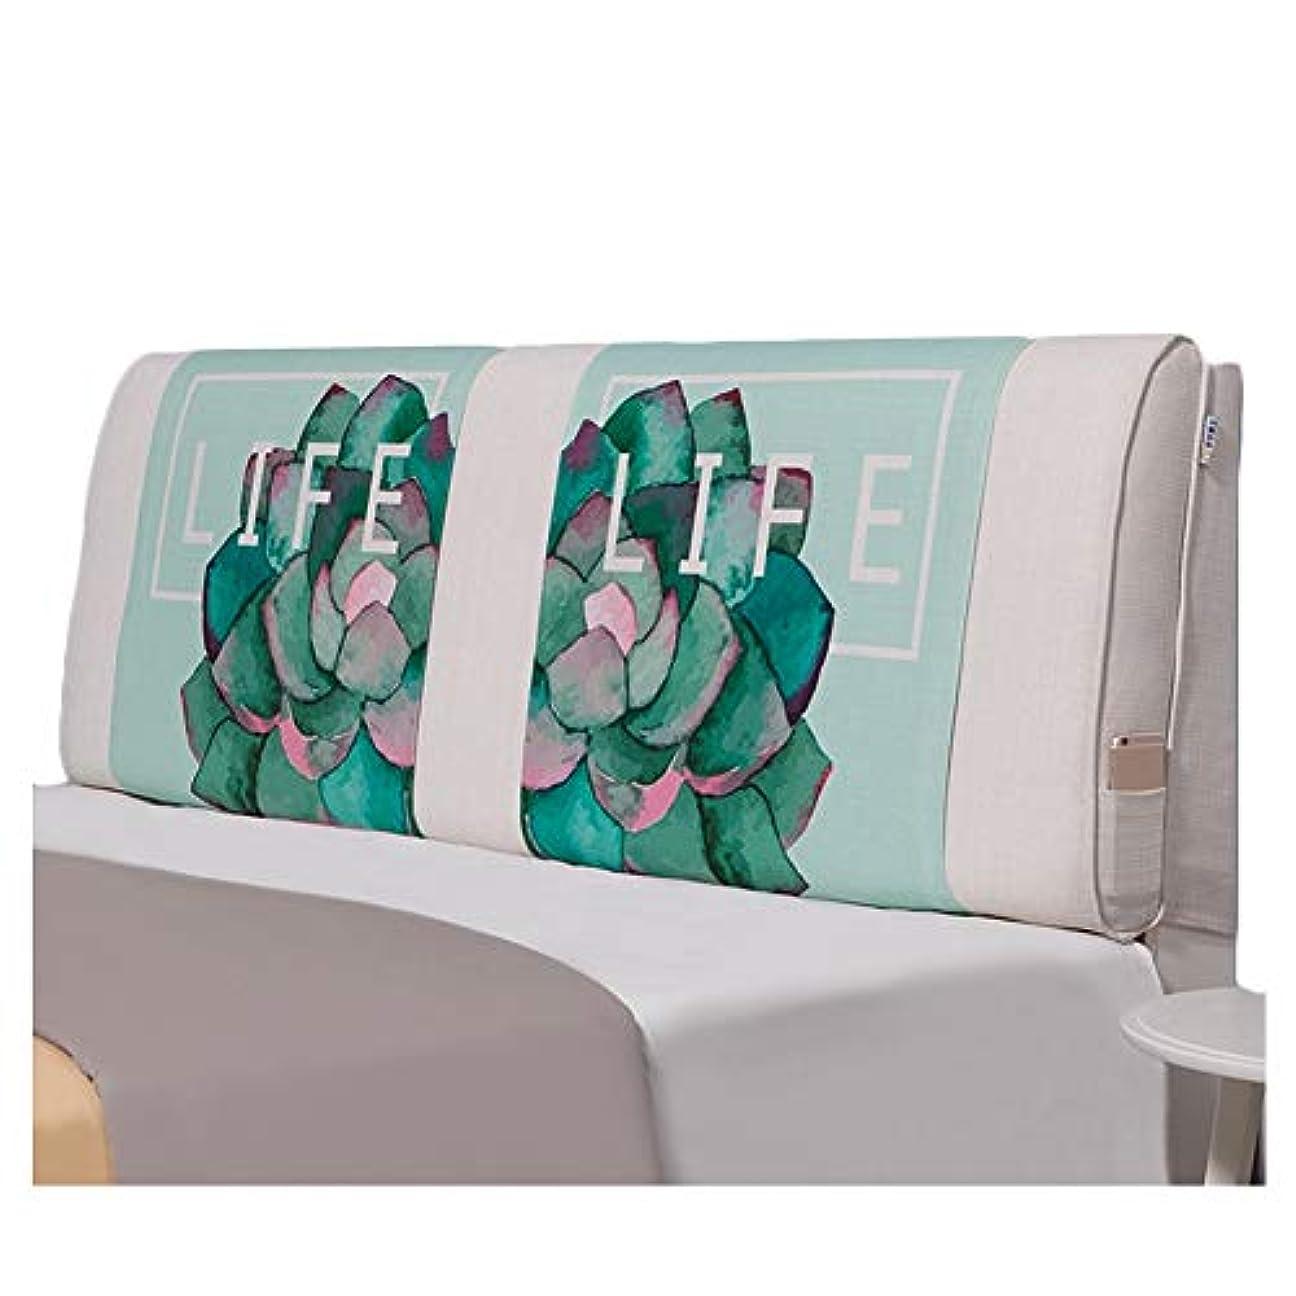 もし癒す言い訳KKCF ヘッドボードクッションソフトケースバックレスト快適ウォッシャブルホーム亜麻 、6色 、6サイズ (色 : B, サイズ さいず : Length 180cm)